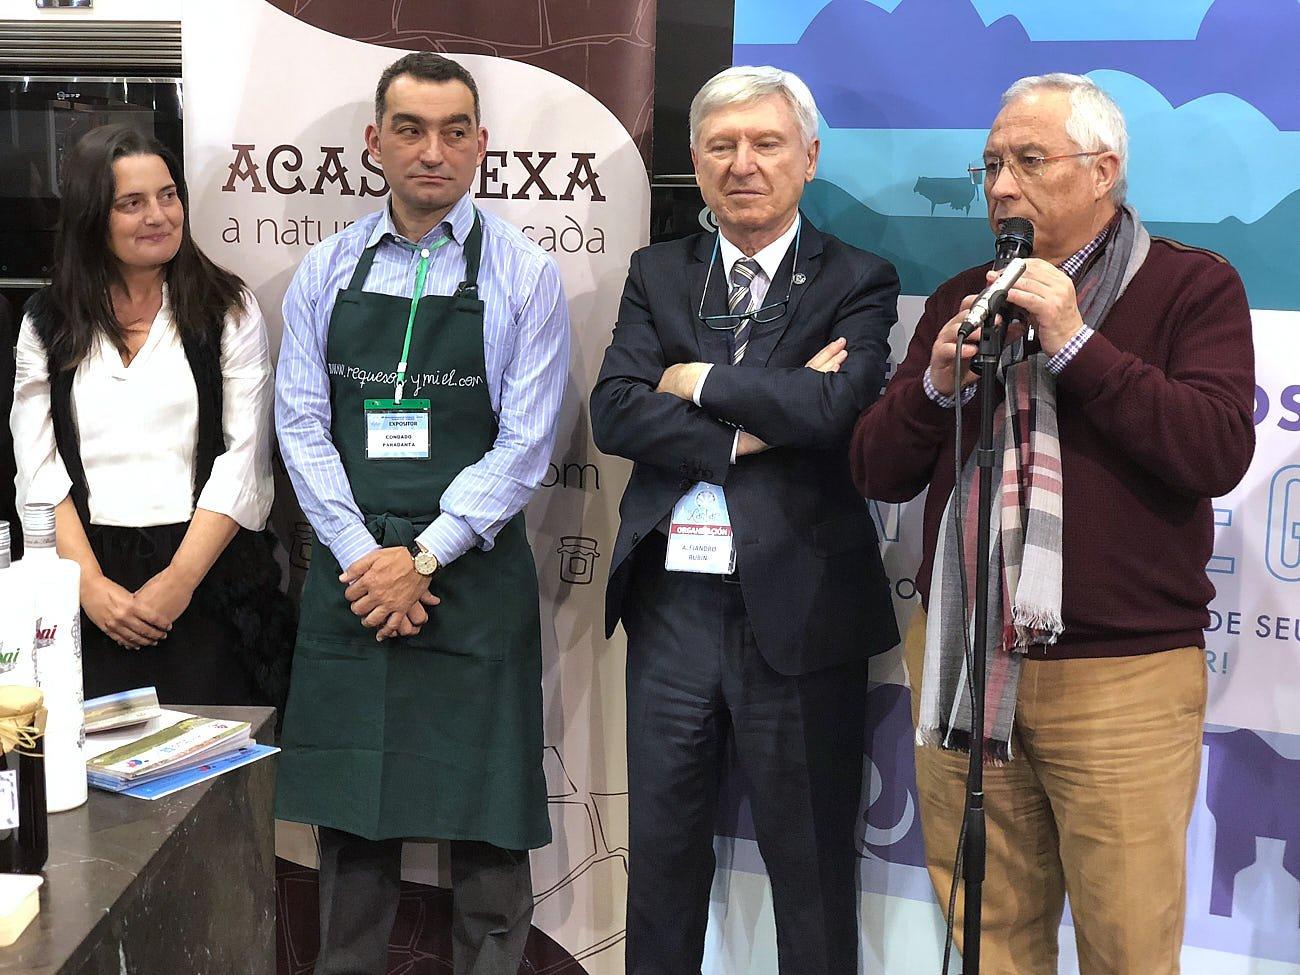 SABORES CO NOSO ACENTO - Foro Peinador 02/02/2018